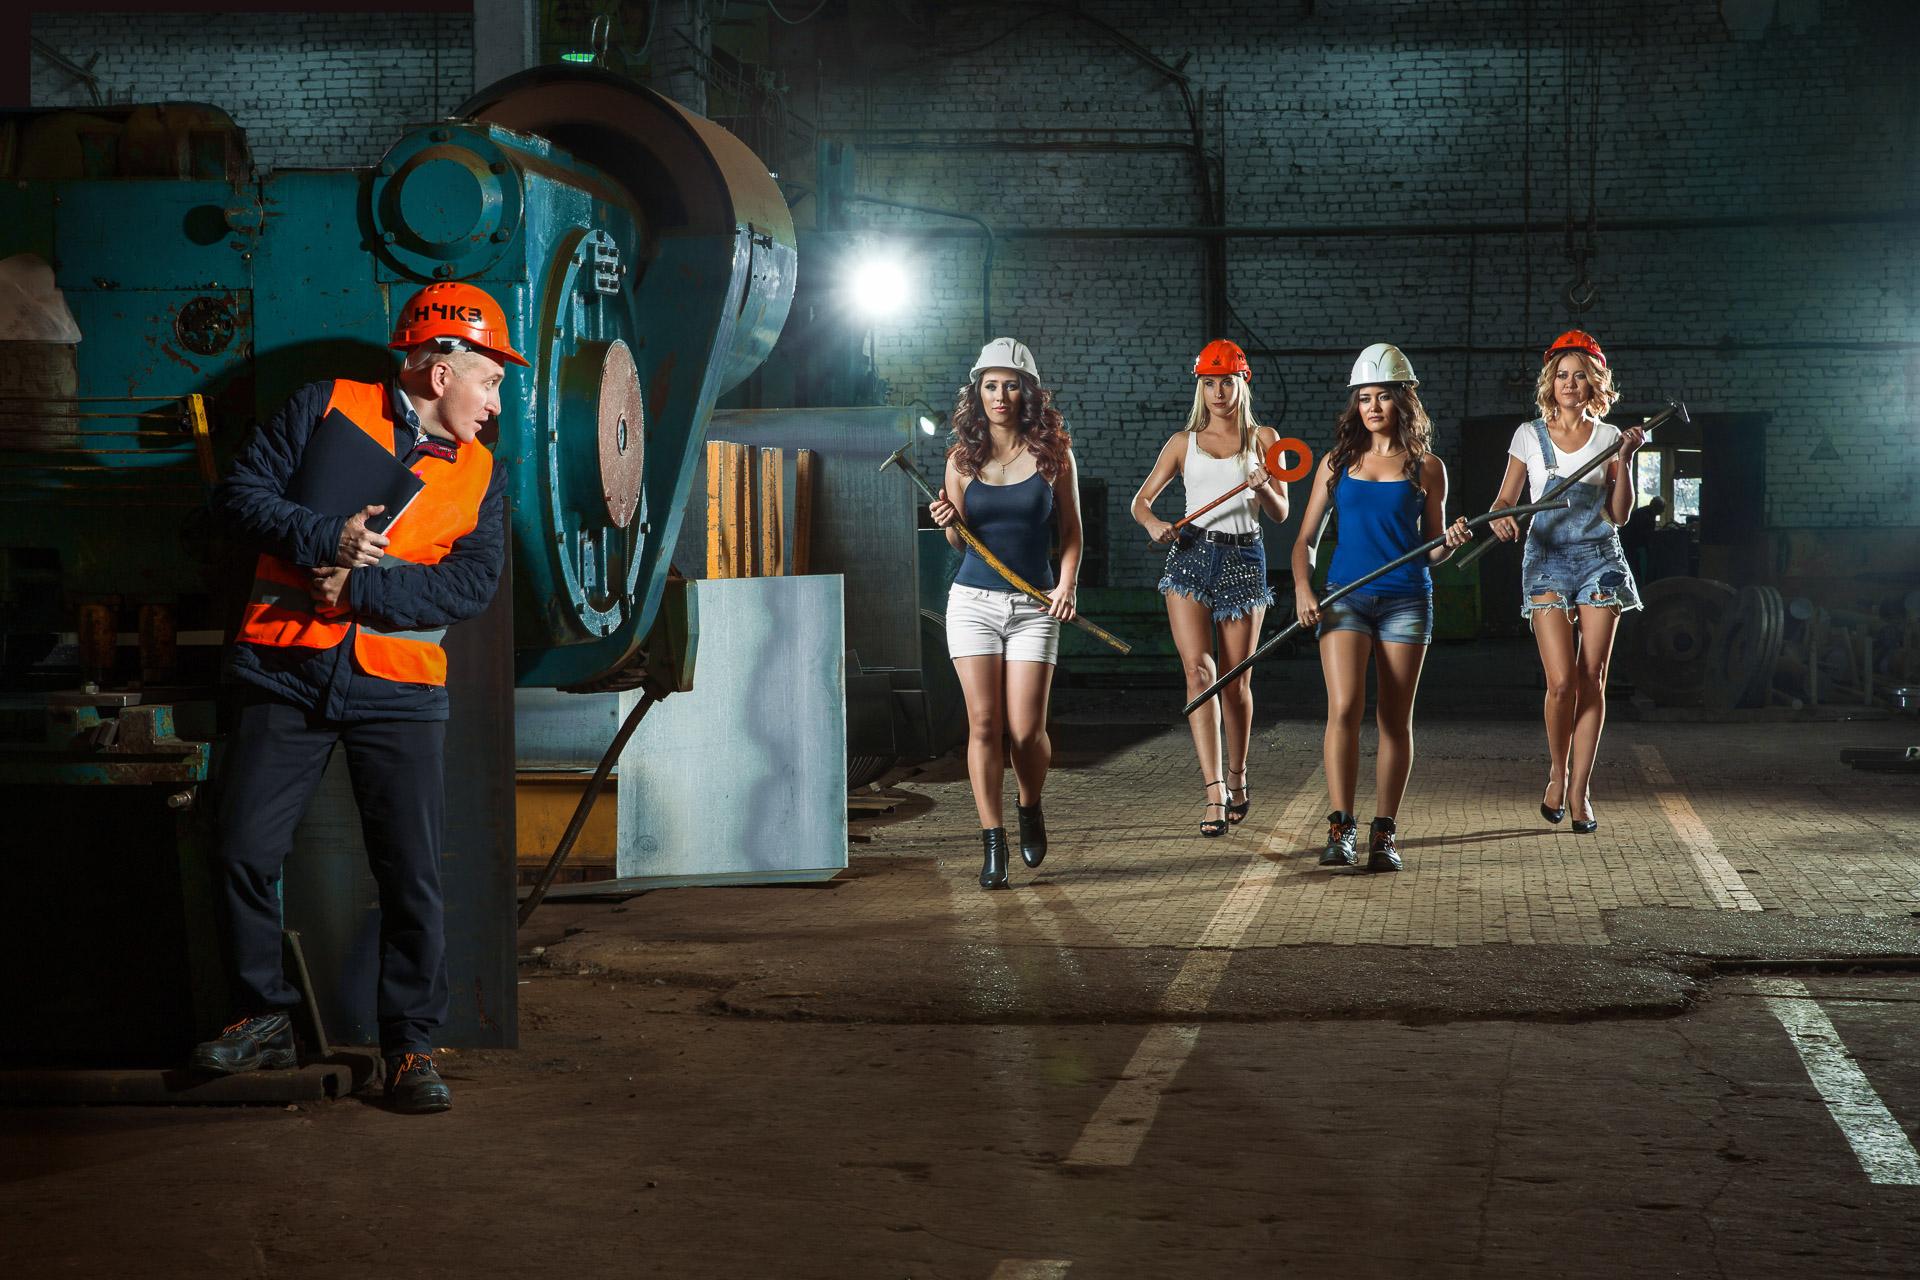 набережночелнинский крановый завод фотосессия единственный человек